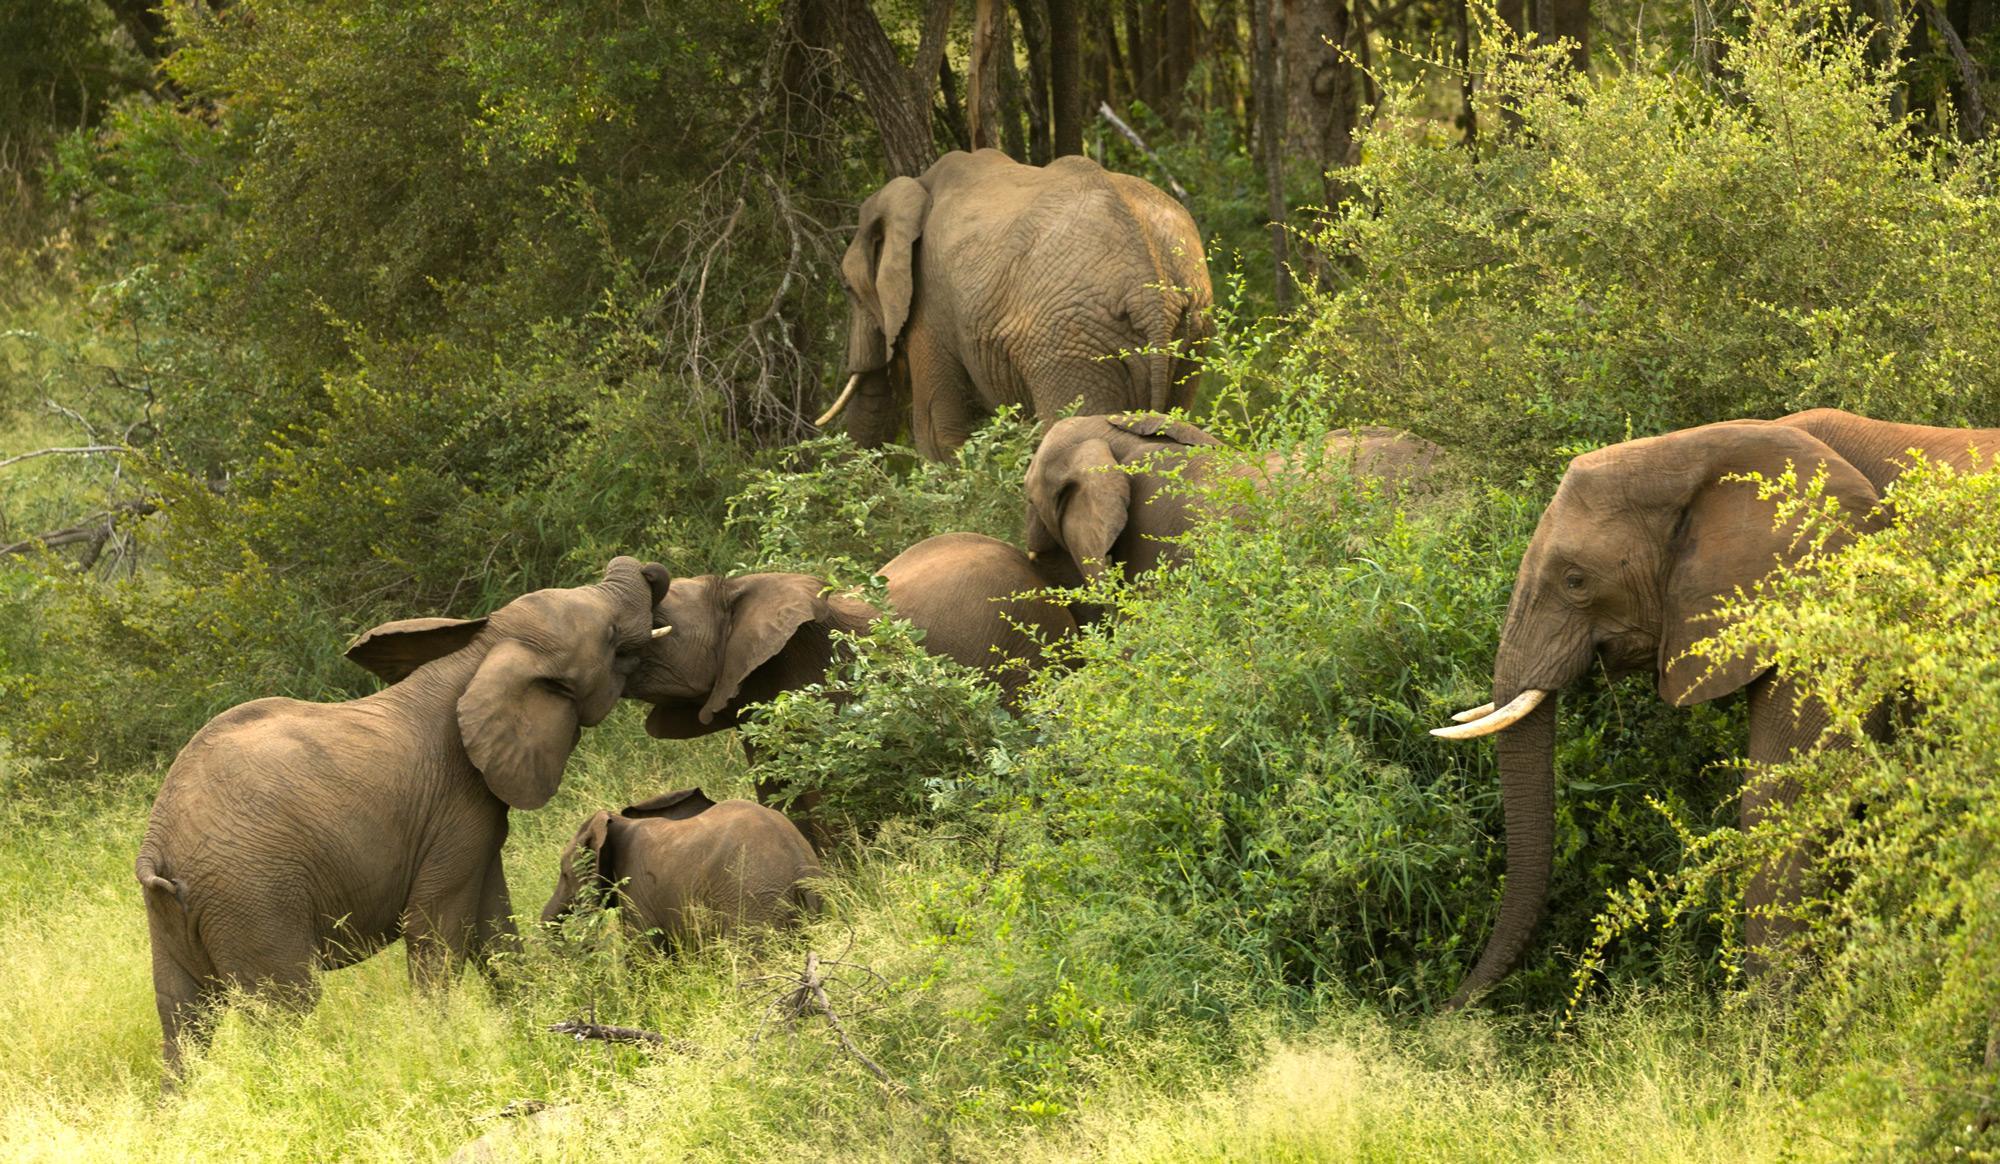 The family herd of elephants socialising © Christian Boix